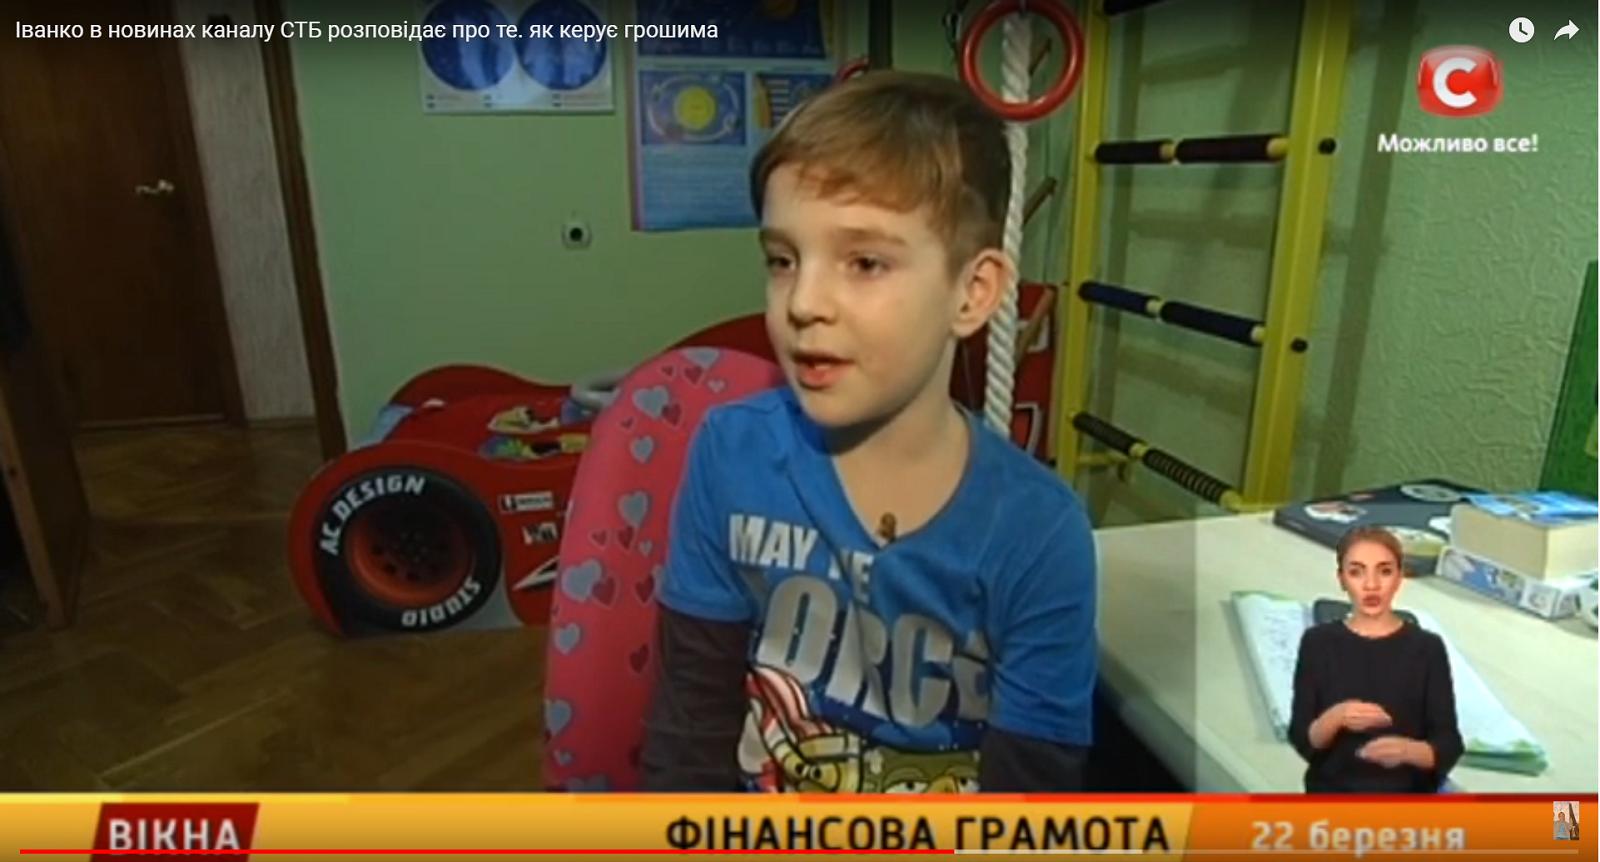 Ivanko_deposyt_kyshenkovy_groshi_STB_video